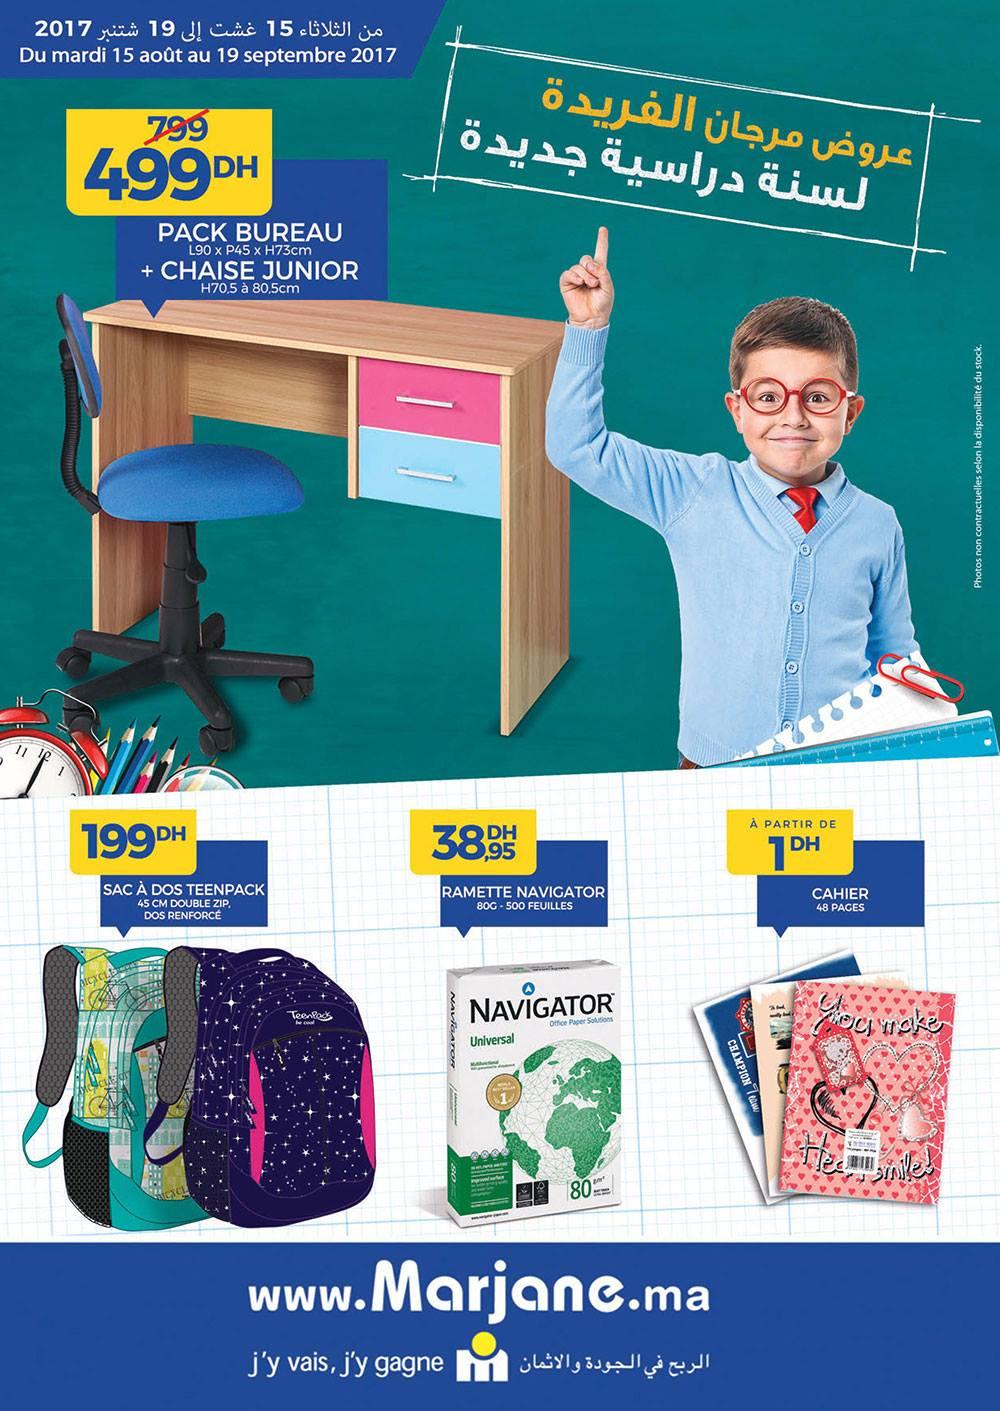 catalogue rentr e scolaire chez marjane du mardi 15 ao t au 4 septembre 2017 promotion au maroc. Black Bedroom Furniture Sets. Home Design Ideas